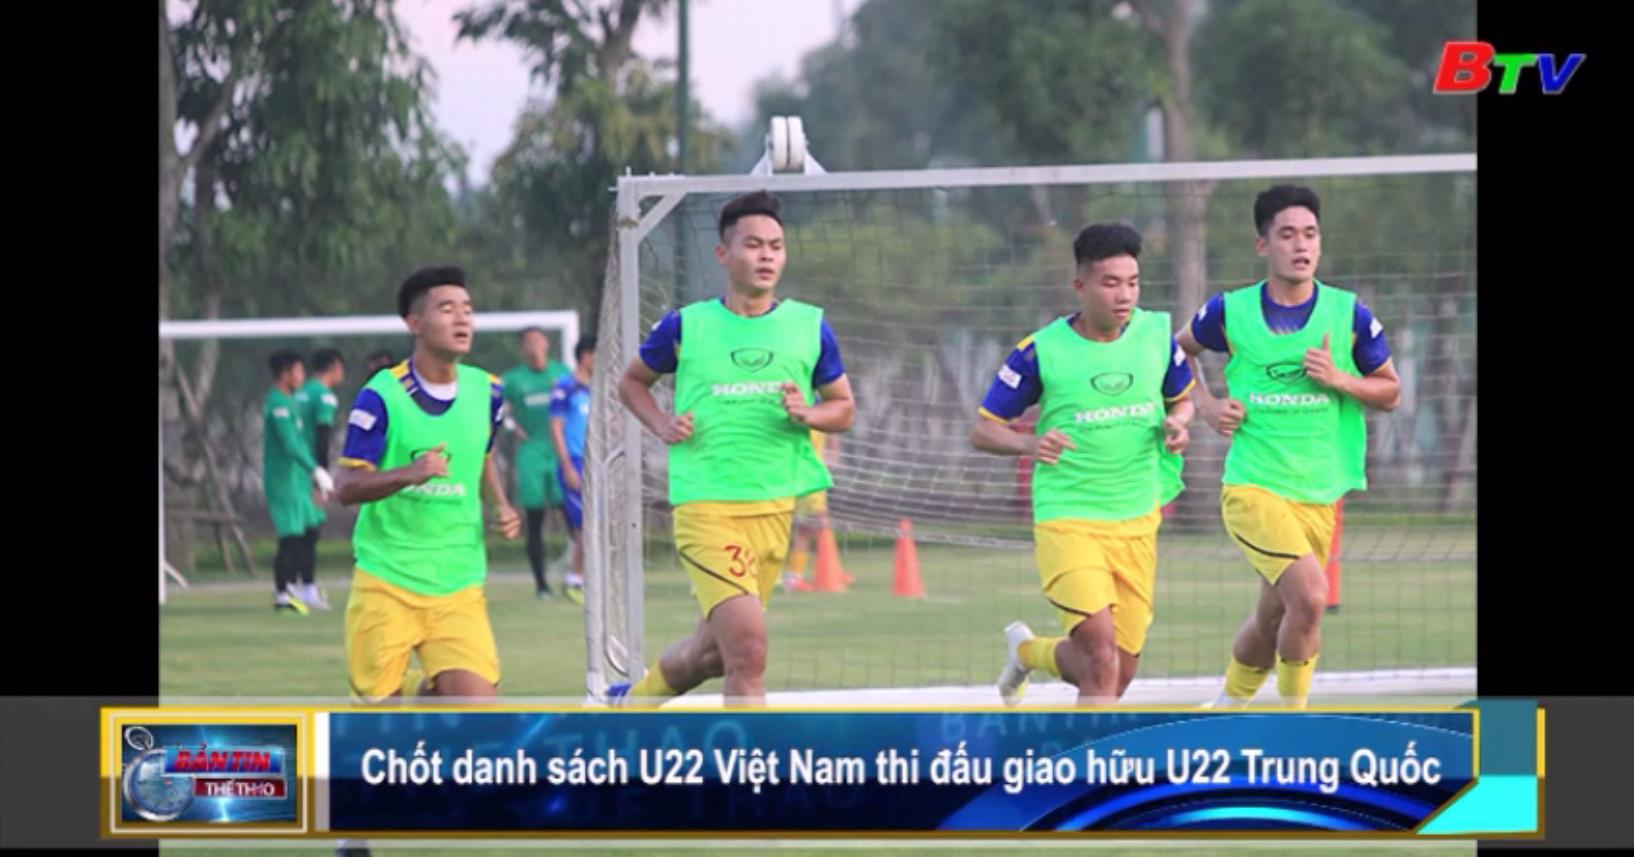 Chốt danh sách U22 Việt Nam thi đấu giao hữu U22 Trung Quốc